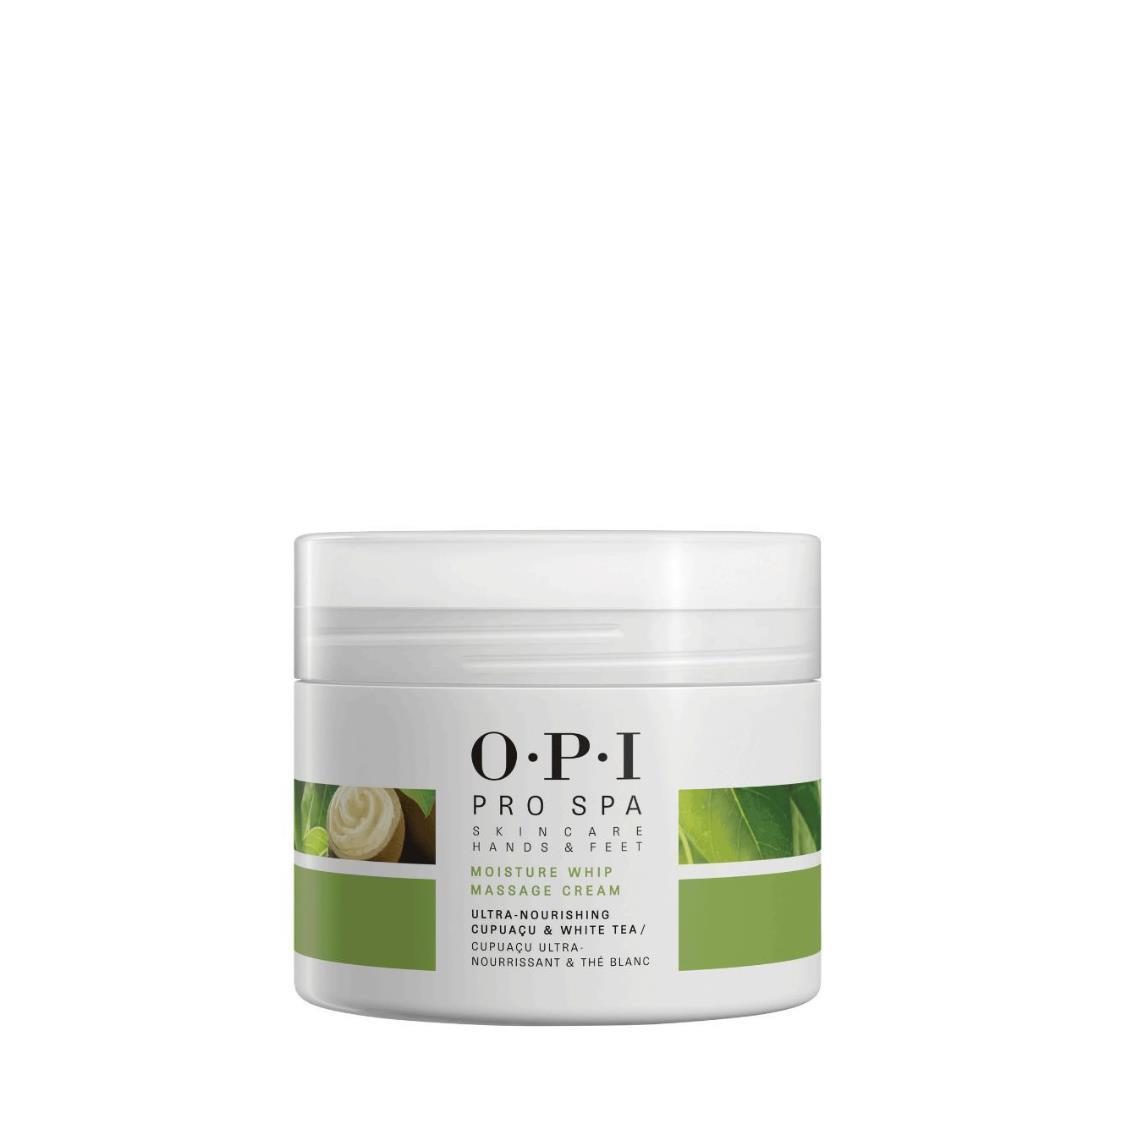 Opi Prospa Moisture Whip Massage Cream 236ml